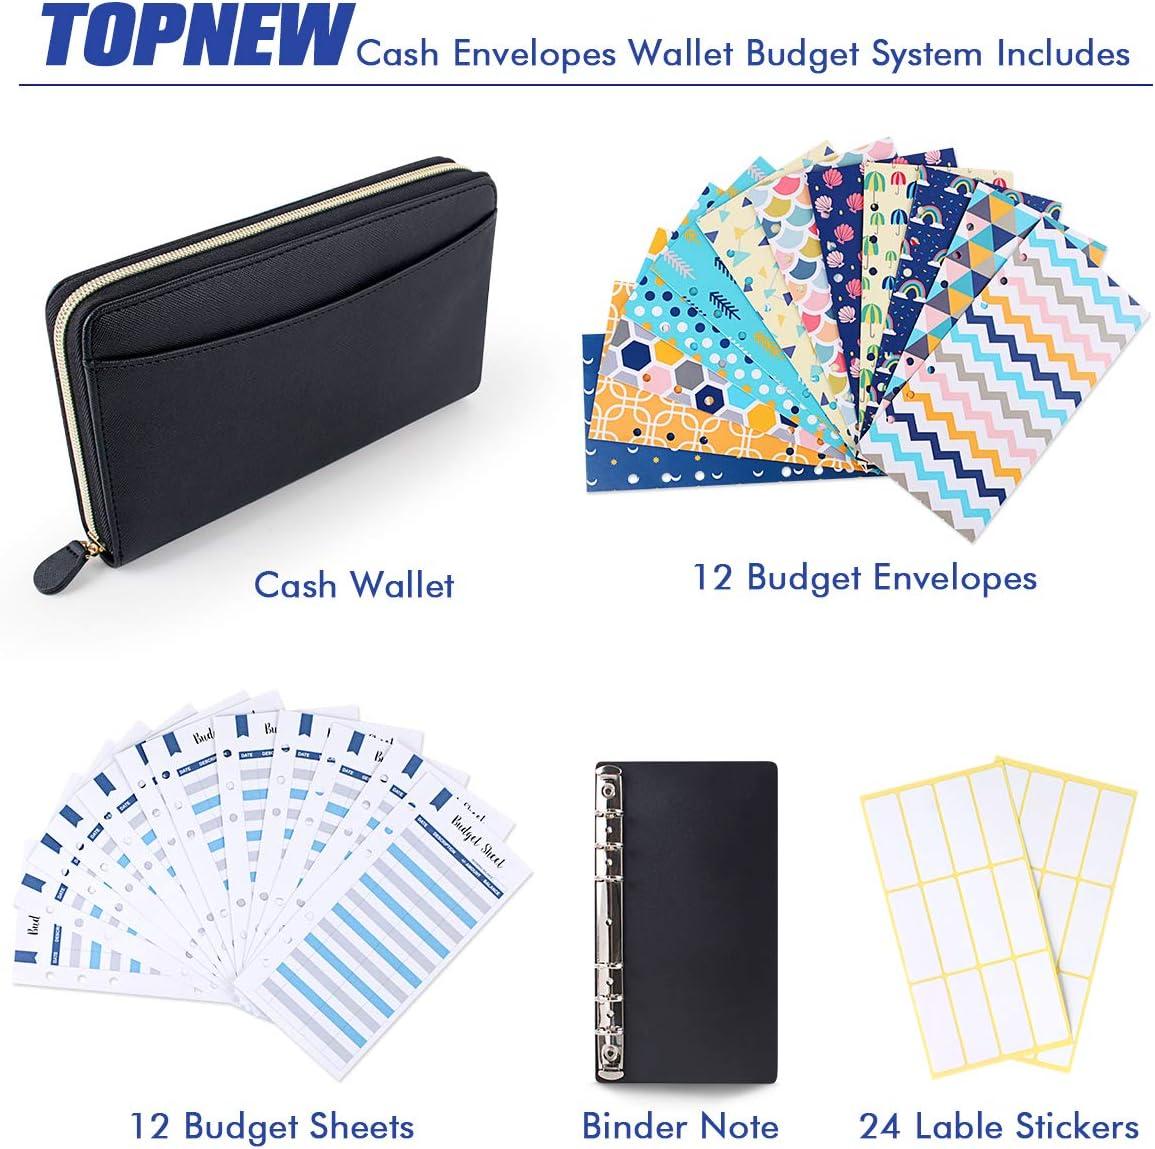 pour la Budg/éTisation et /éConomiser de LArgent Rose Timagebreze Portefeuille DEnveloppe de Budget de Tr/éSorerie Enveloppes de Tr/éSorerie pour la Budg/éTisation 12 Enveloppes de Budget